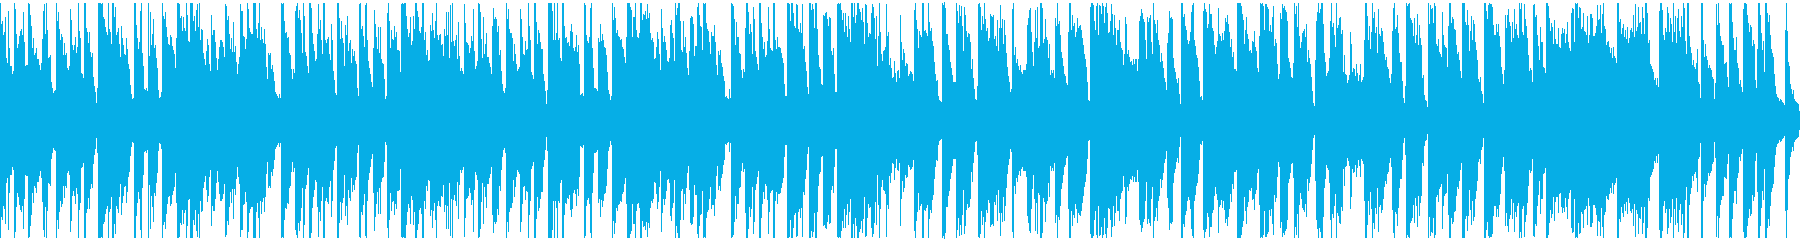 ループ:中華・カンフー映画風ファンクv1の再生済みの波形